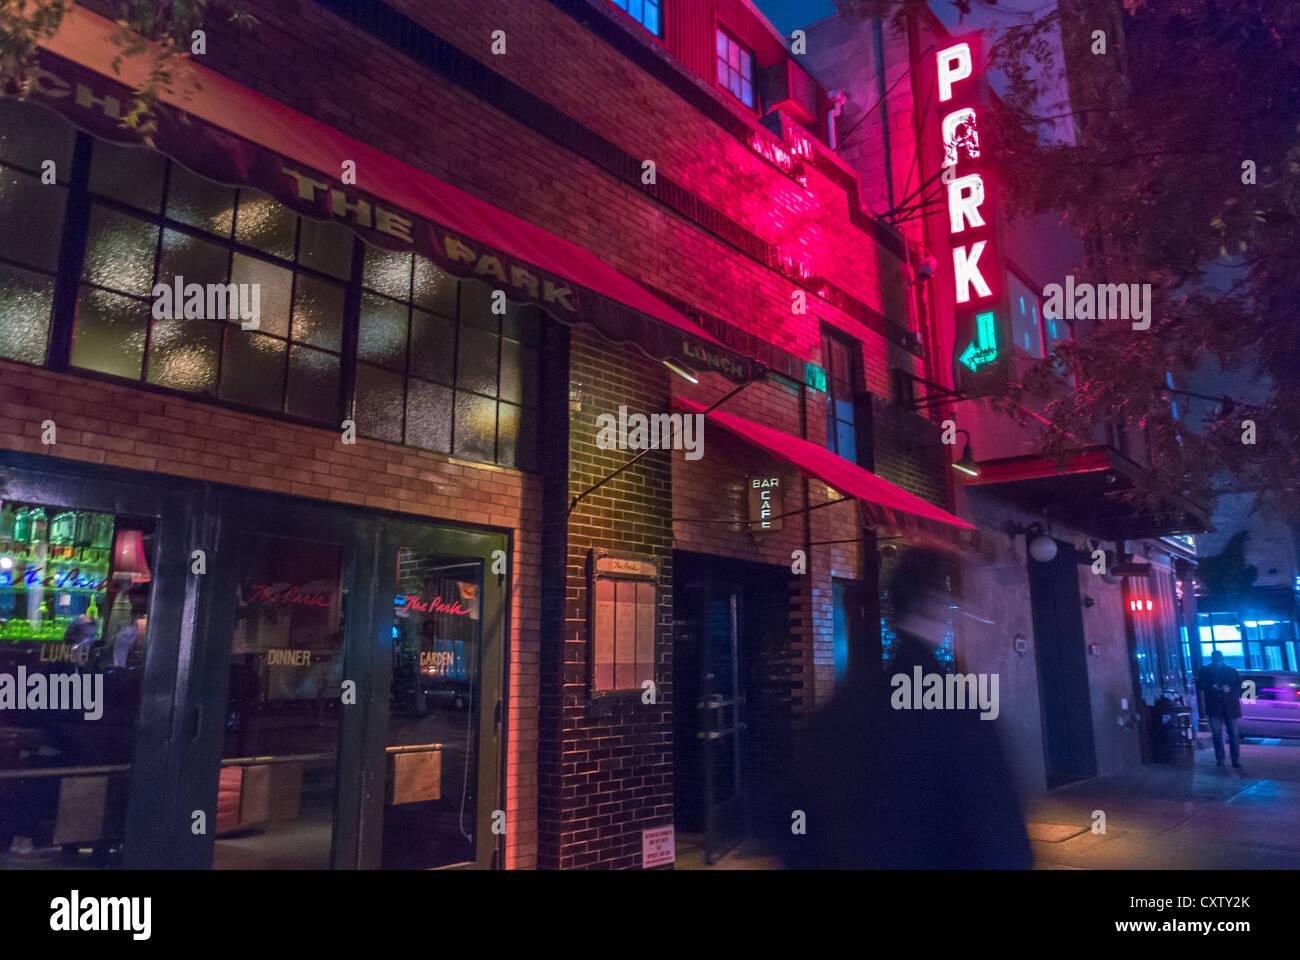 New York City Ny Usa American Restaurant The Park